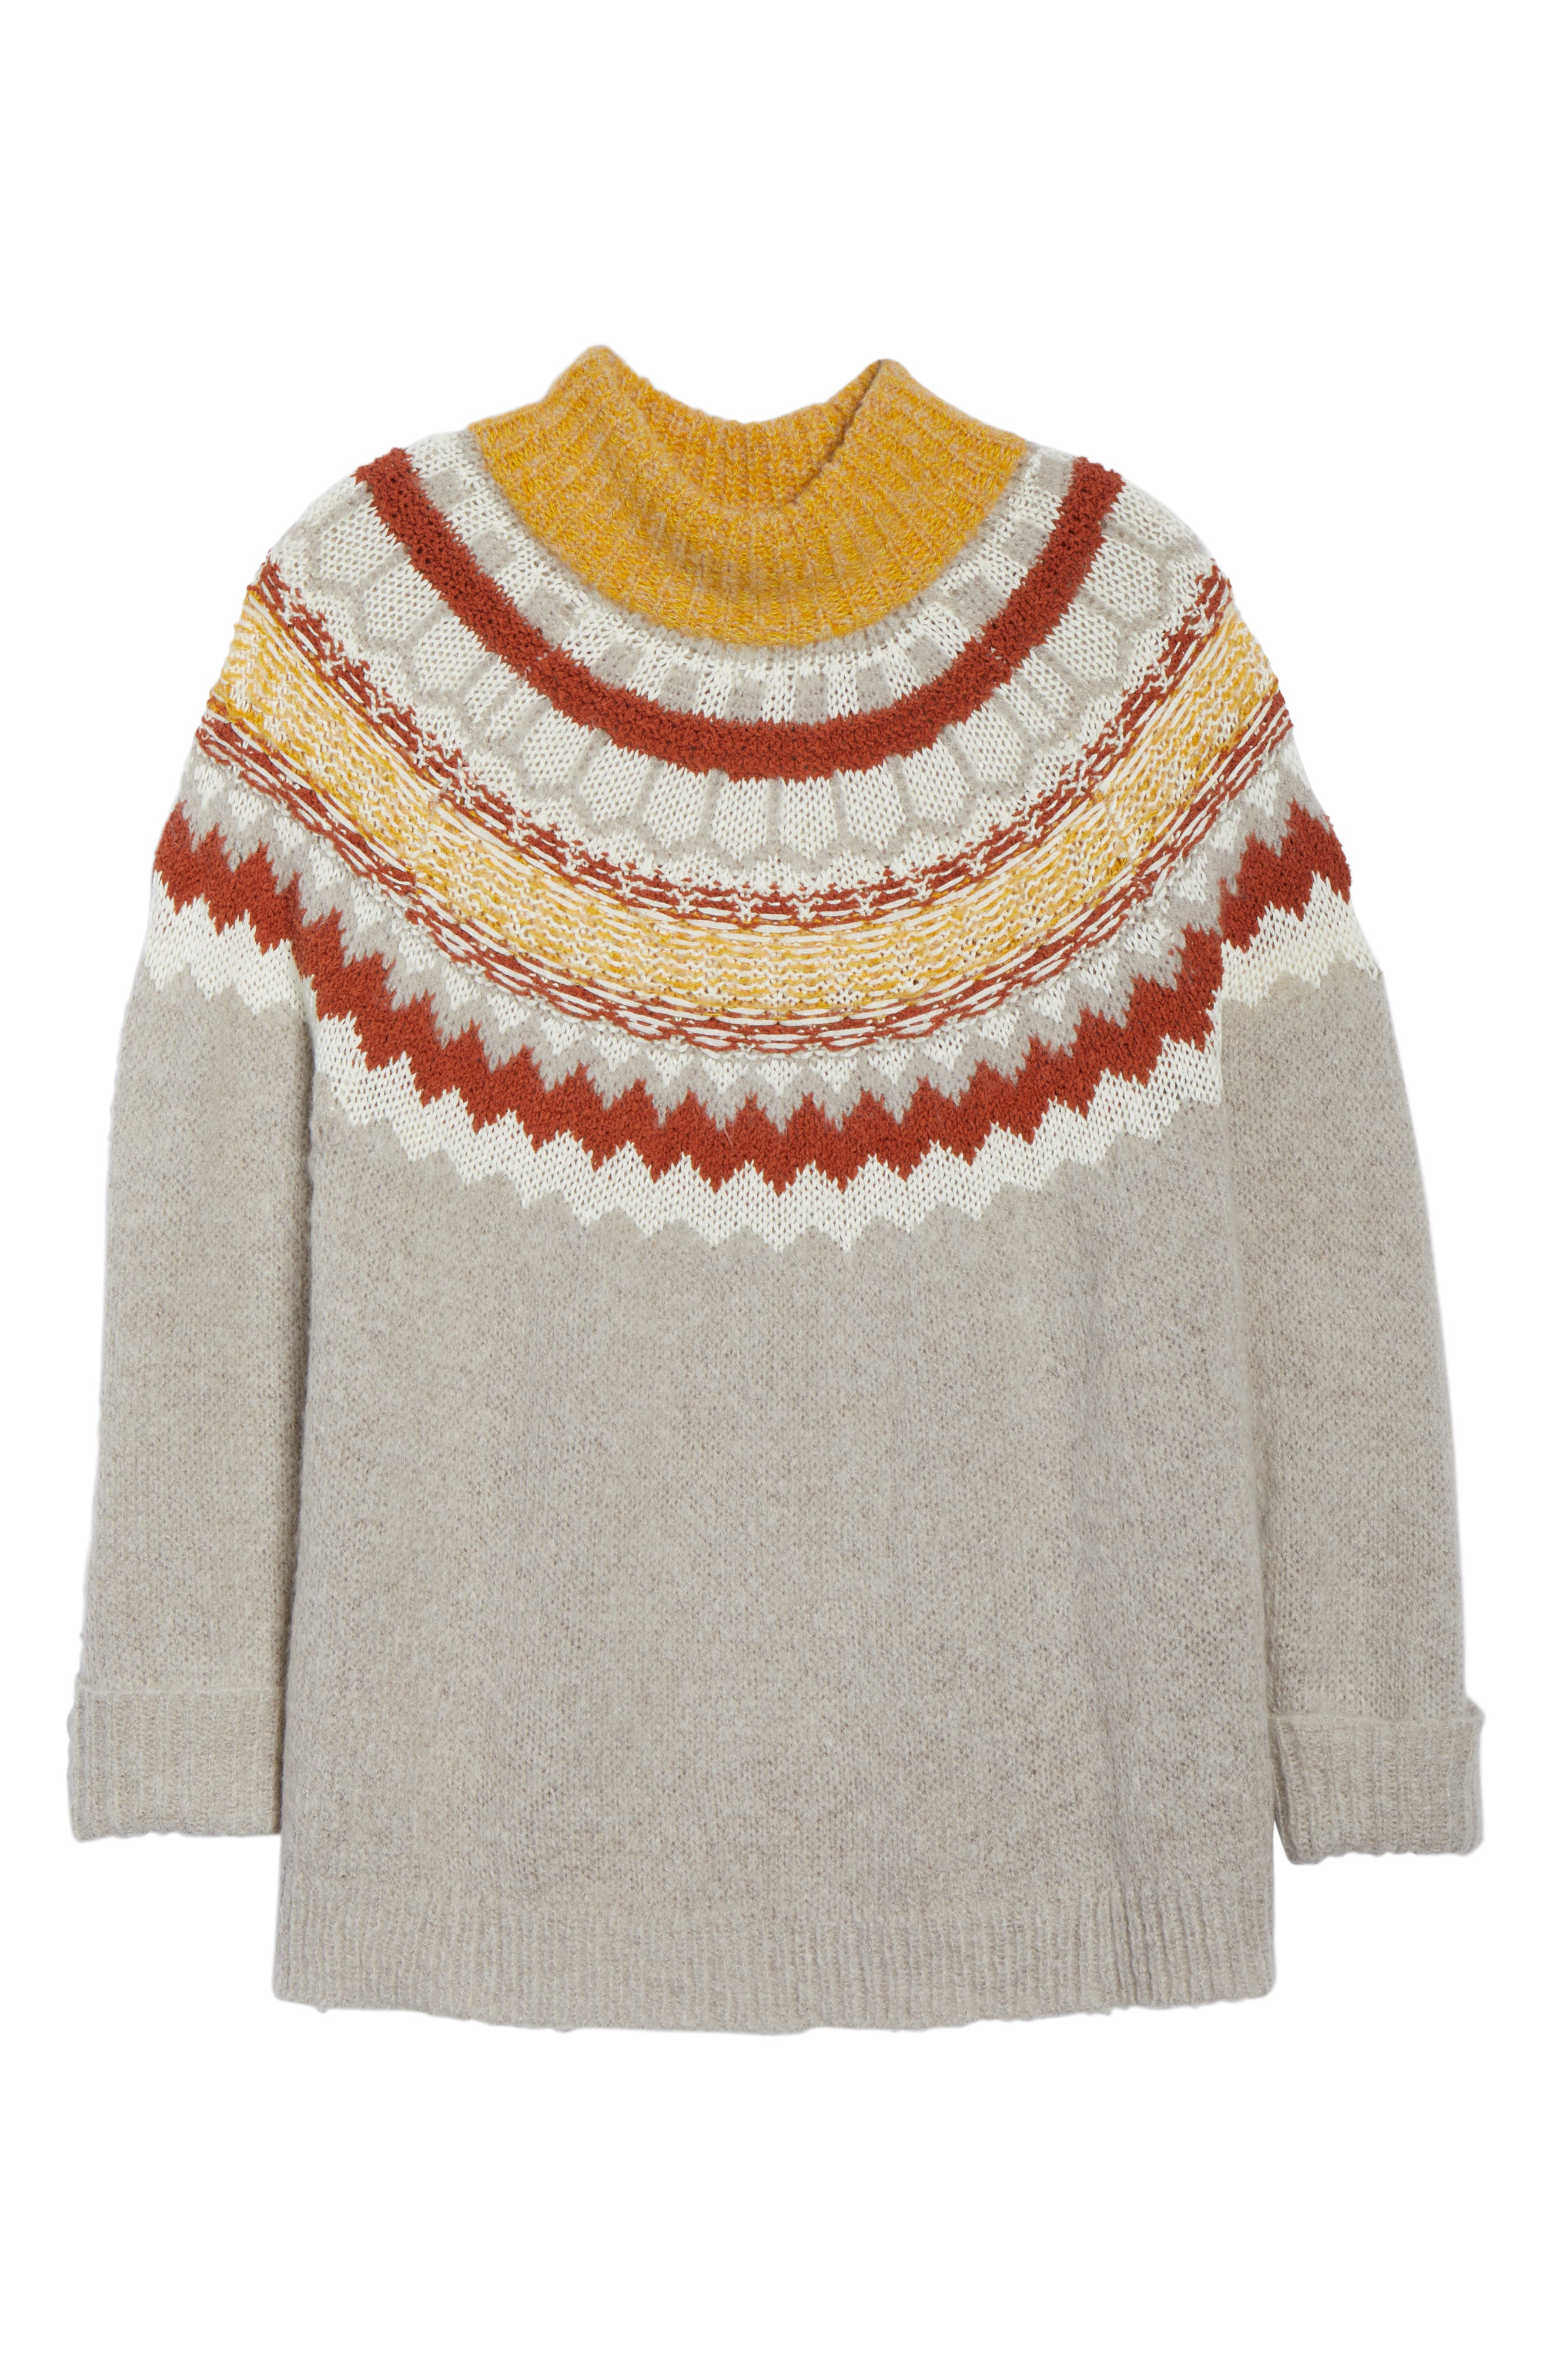 Chunky Jacquard Sweater,                             Alternate thumbnail 6, color,                             TAN COBBLESTONE FOLIAGE PTN